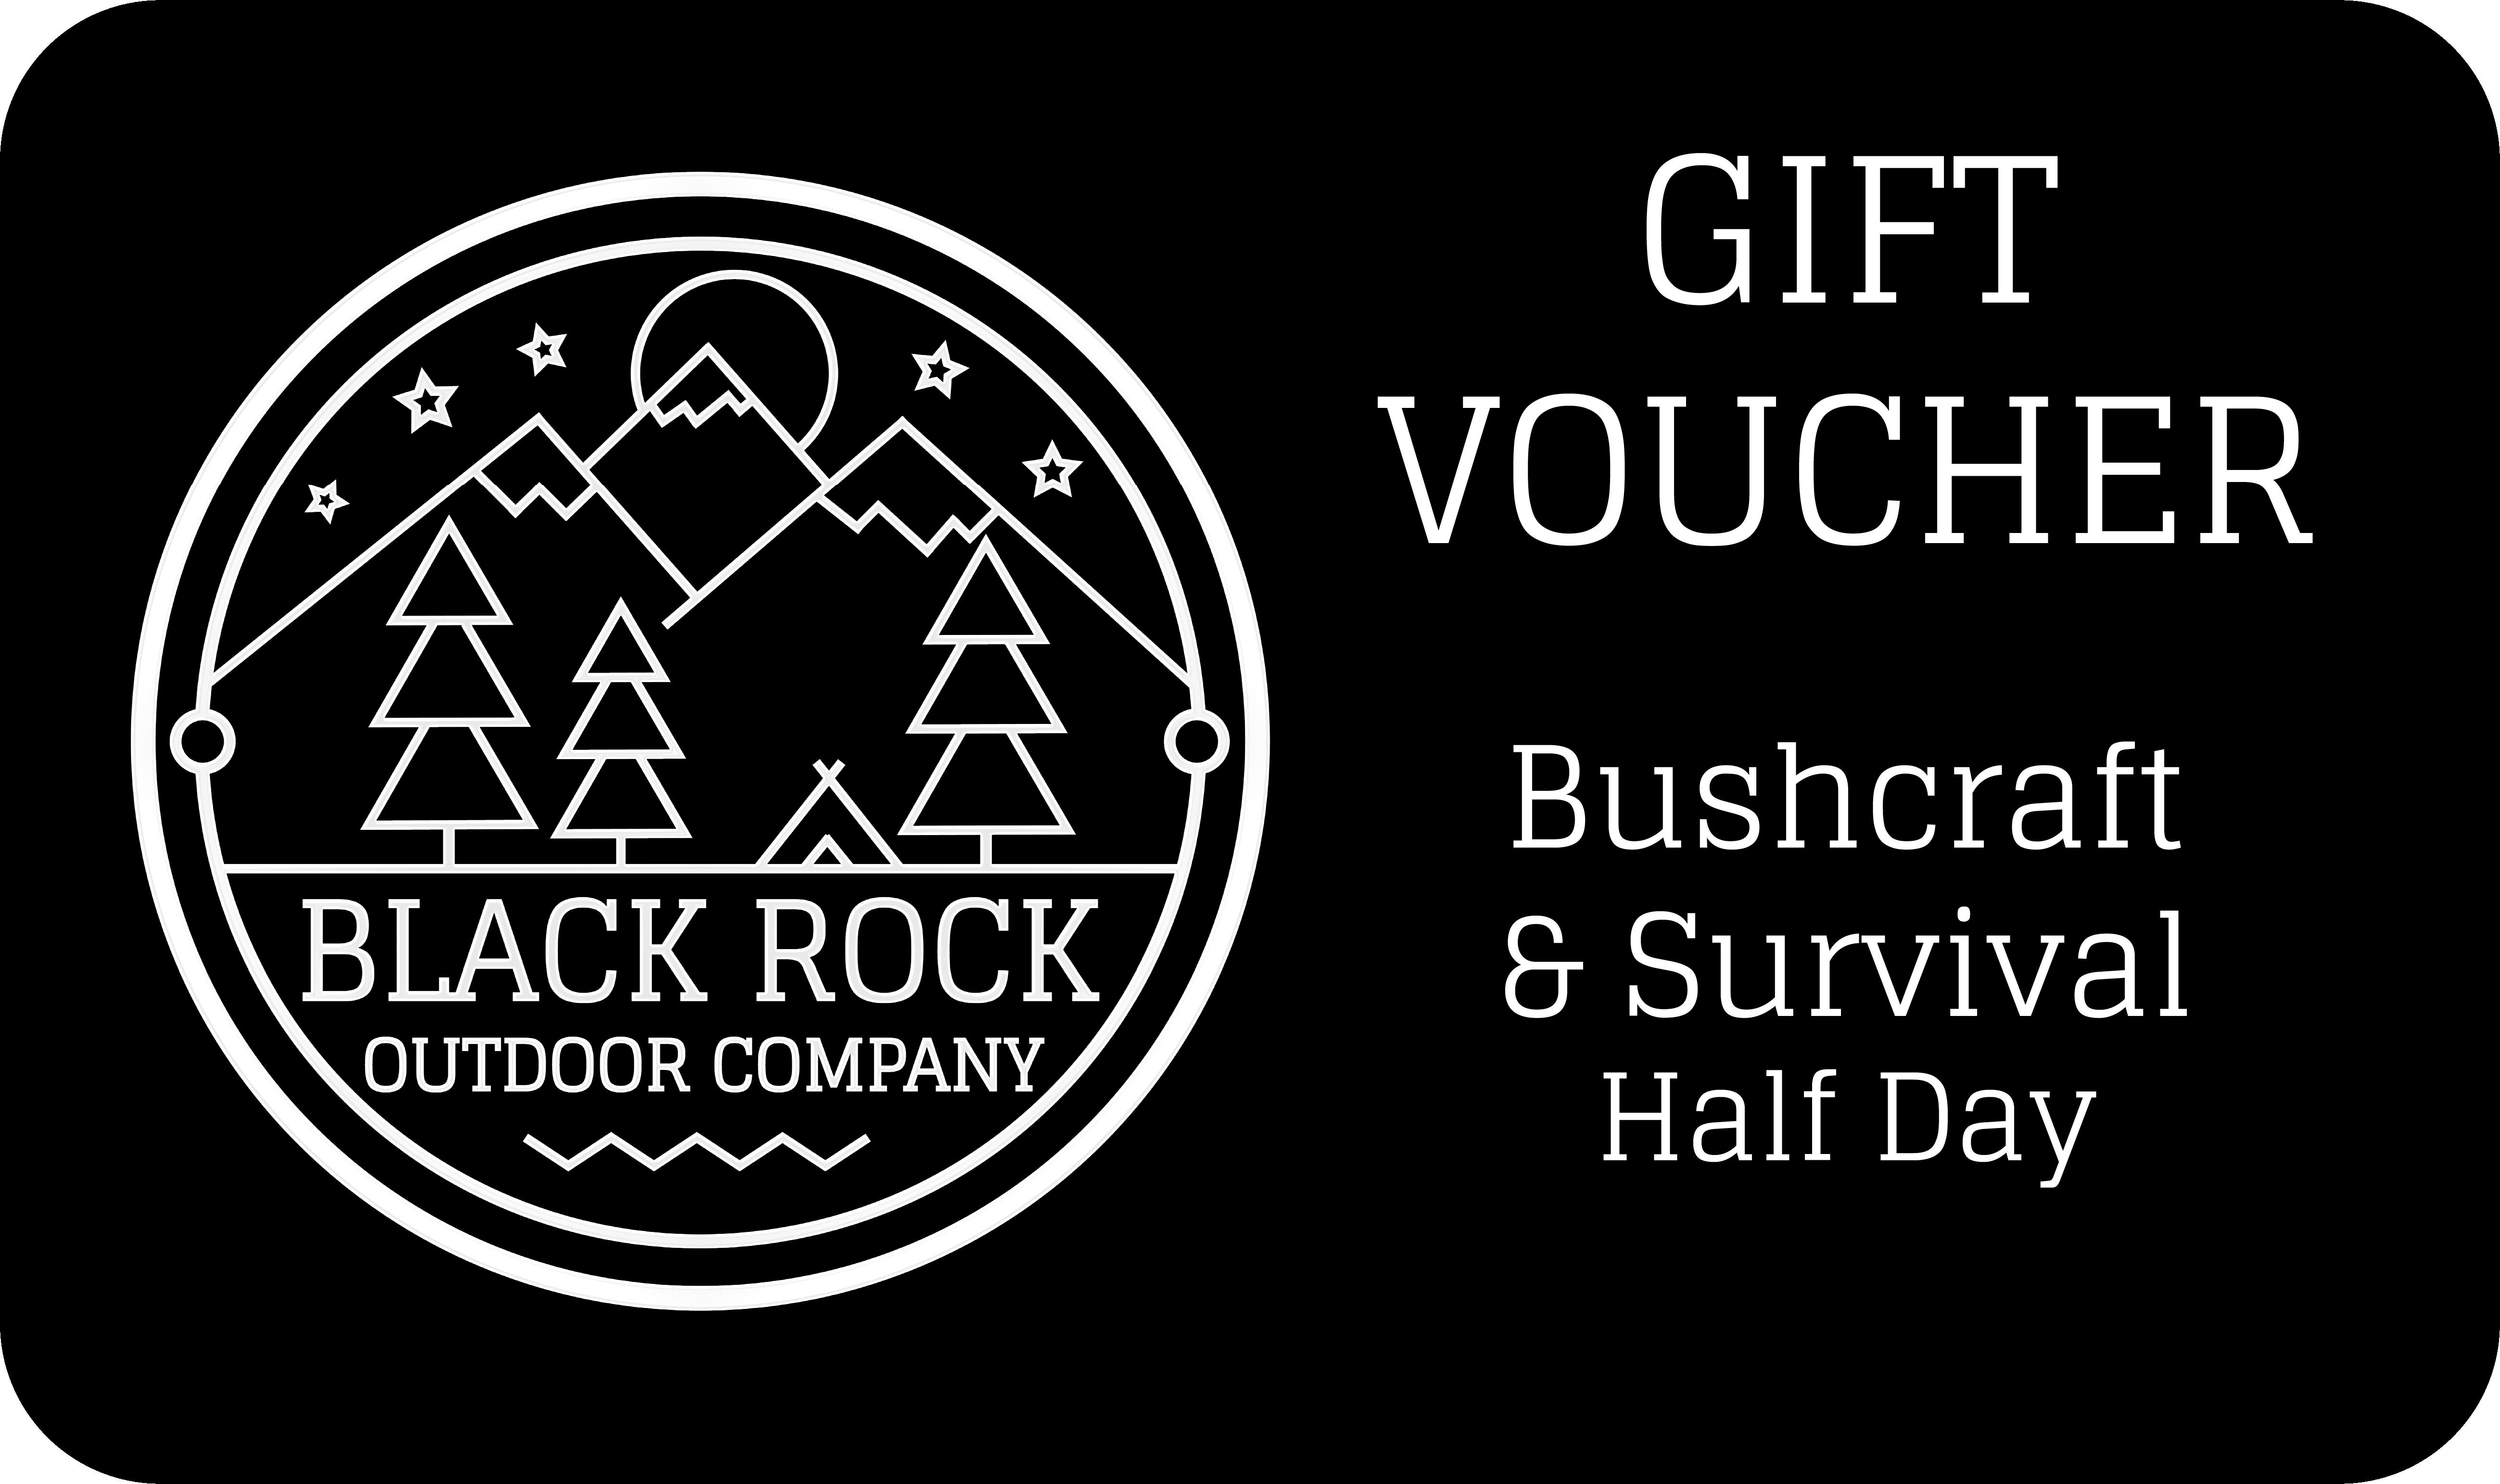 Gift Voucher-Bushcraft HalfDay